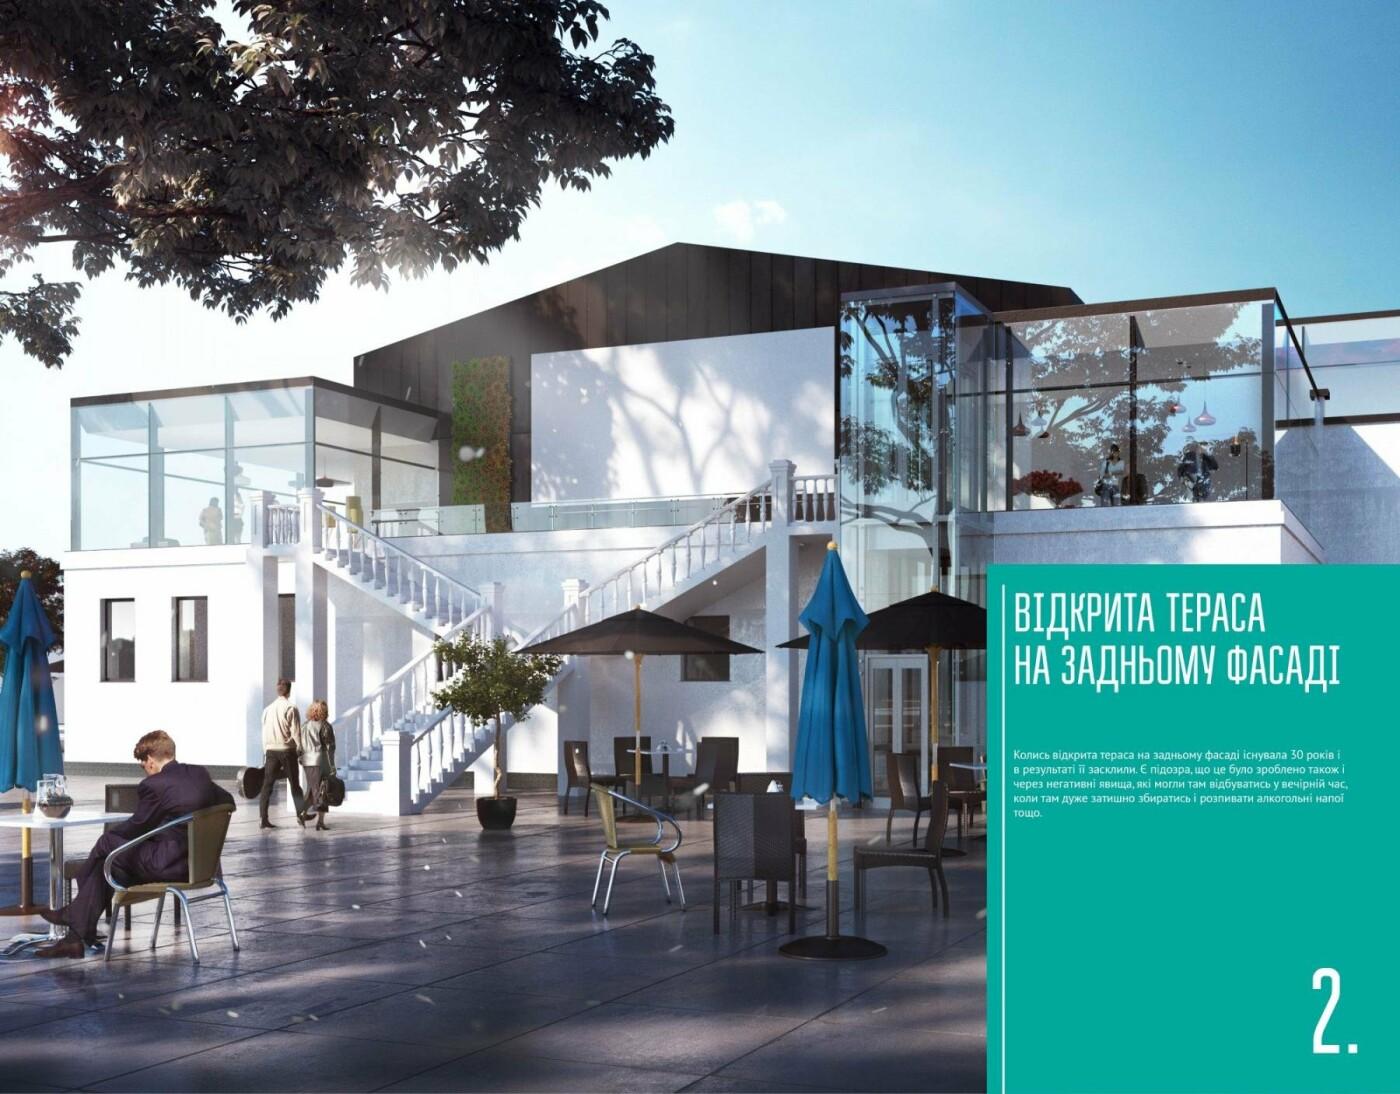 Концепція розвитку: яким буде кінотеатр Шевченка в майбутньому, фото-21